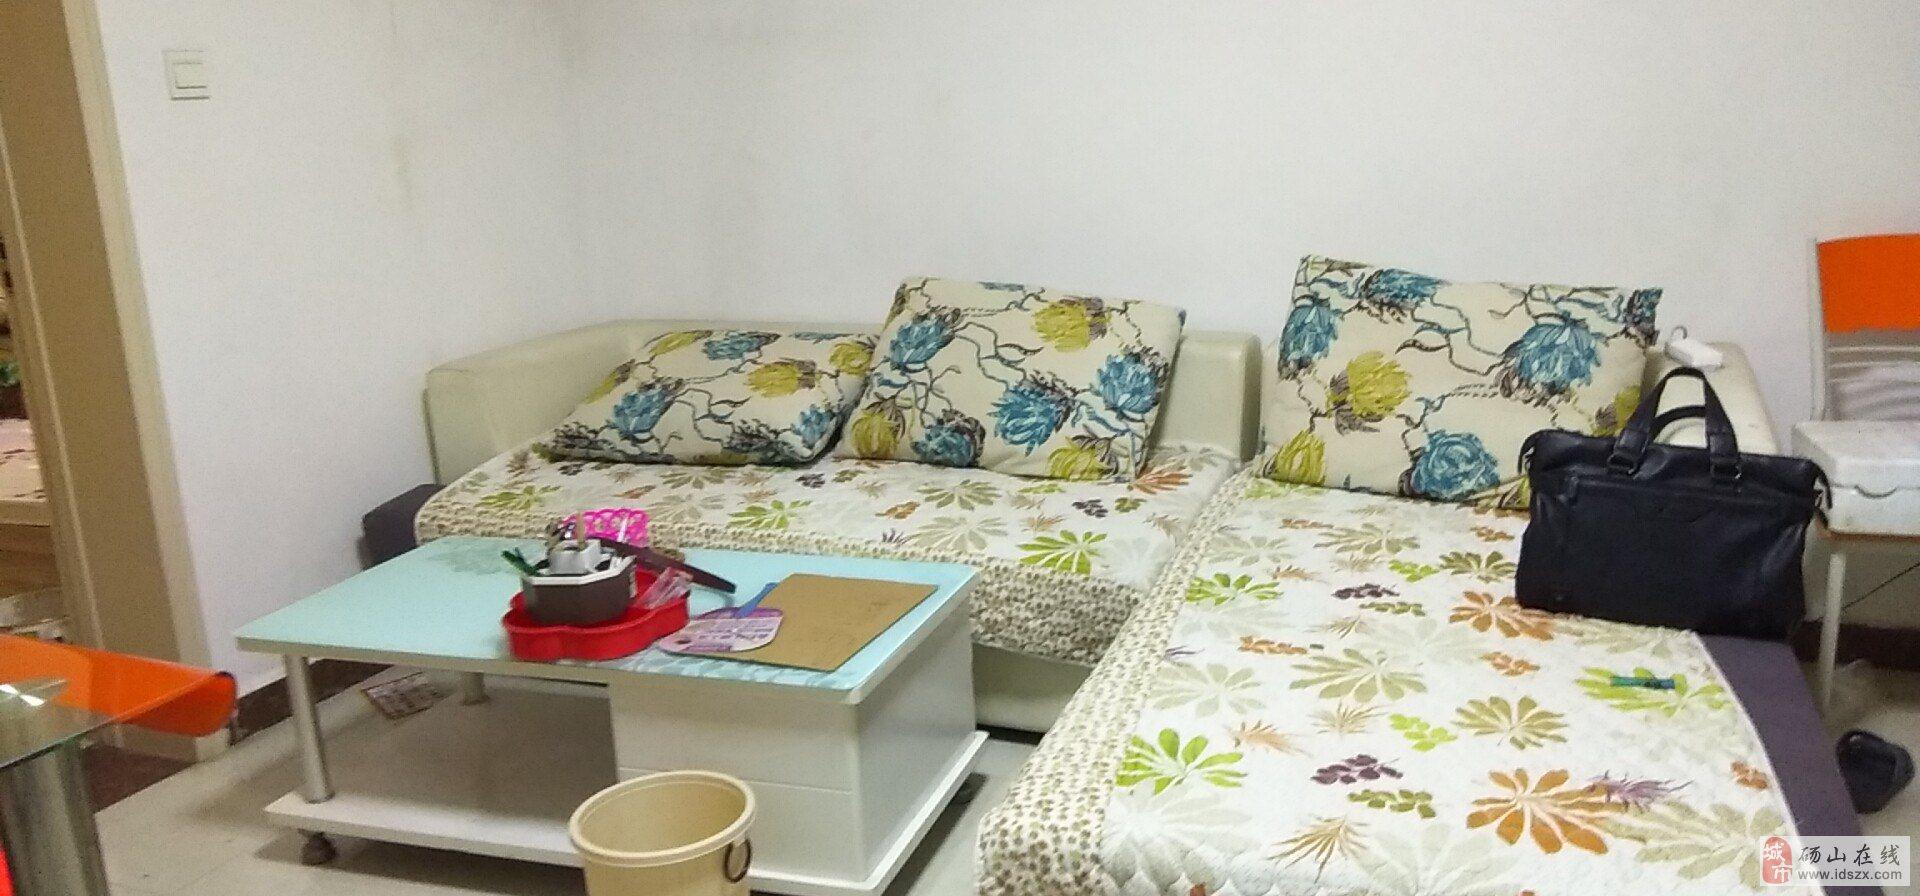 华庭苑4楼2室精装房家具家电齐全交通便利急售价